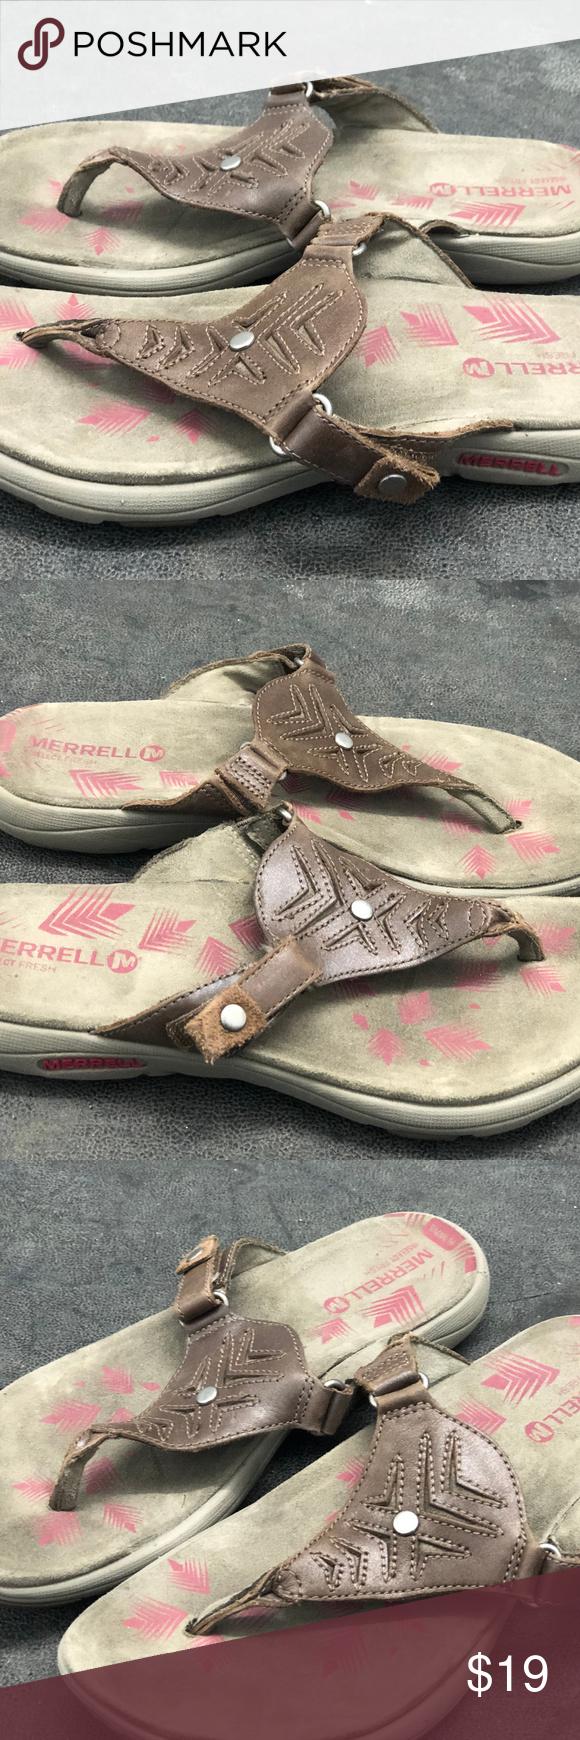 9790cfb1af1c Merrell J55182 Women s ADHERA Brown Thong Sandals Merrell J55182 Women s  ADHERA Brown Thong Sandals Size 6